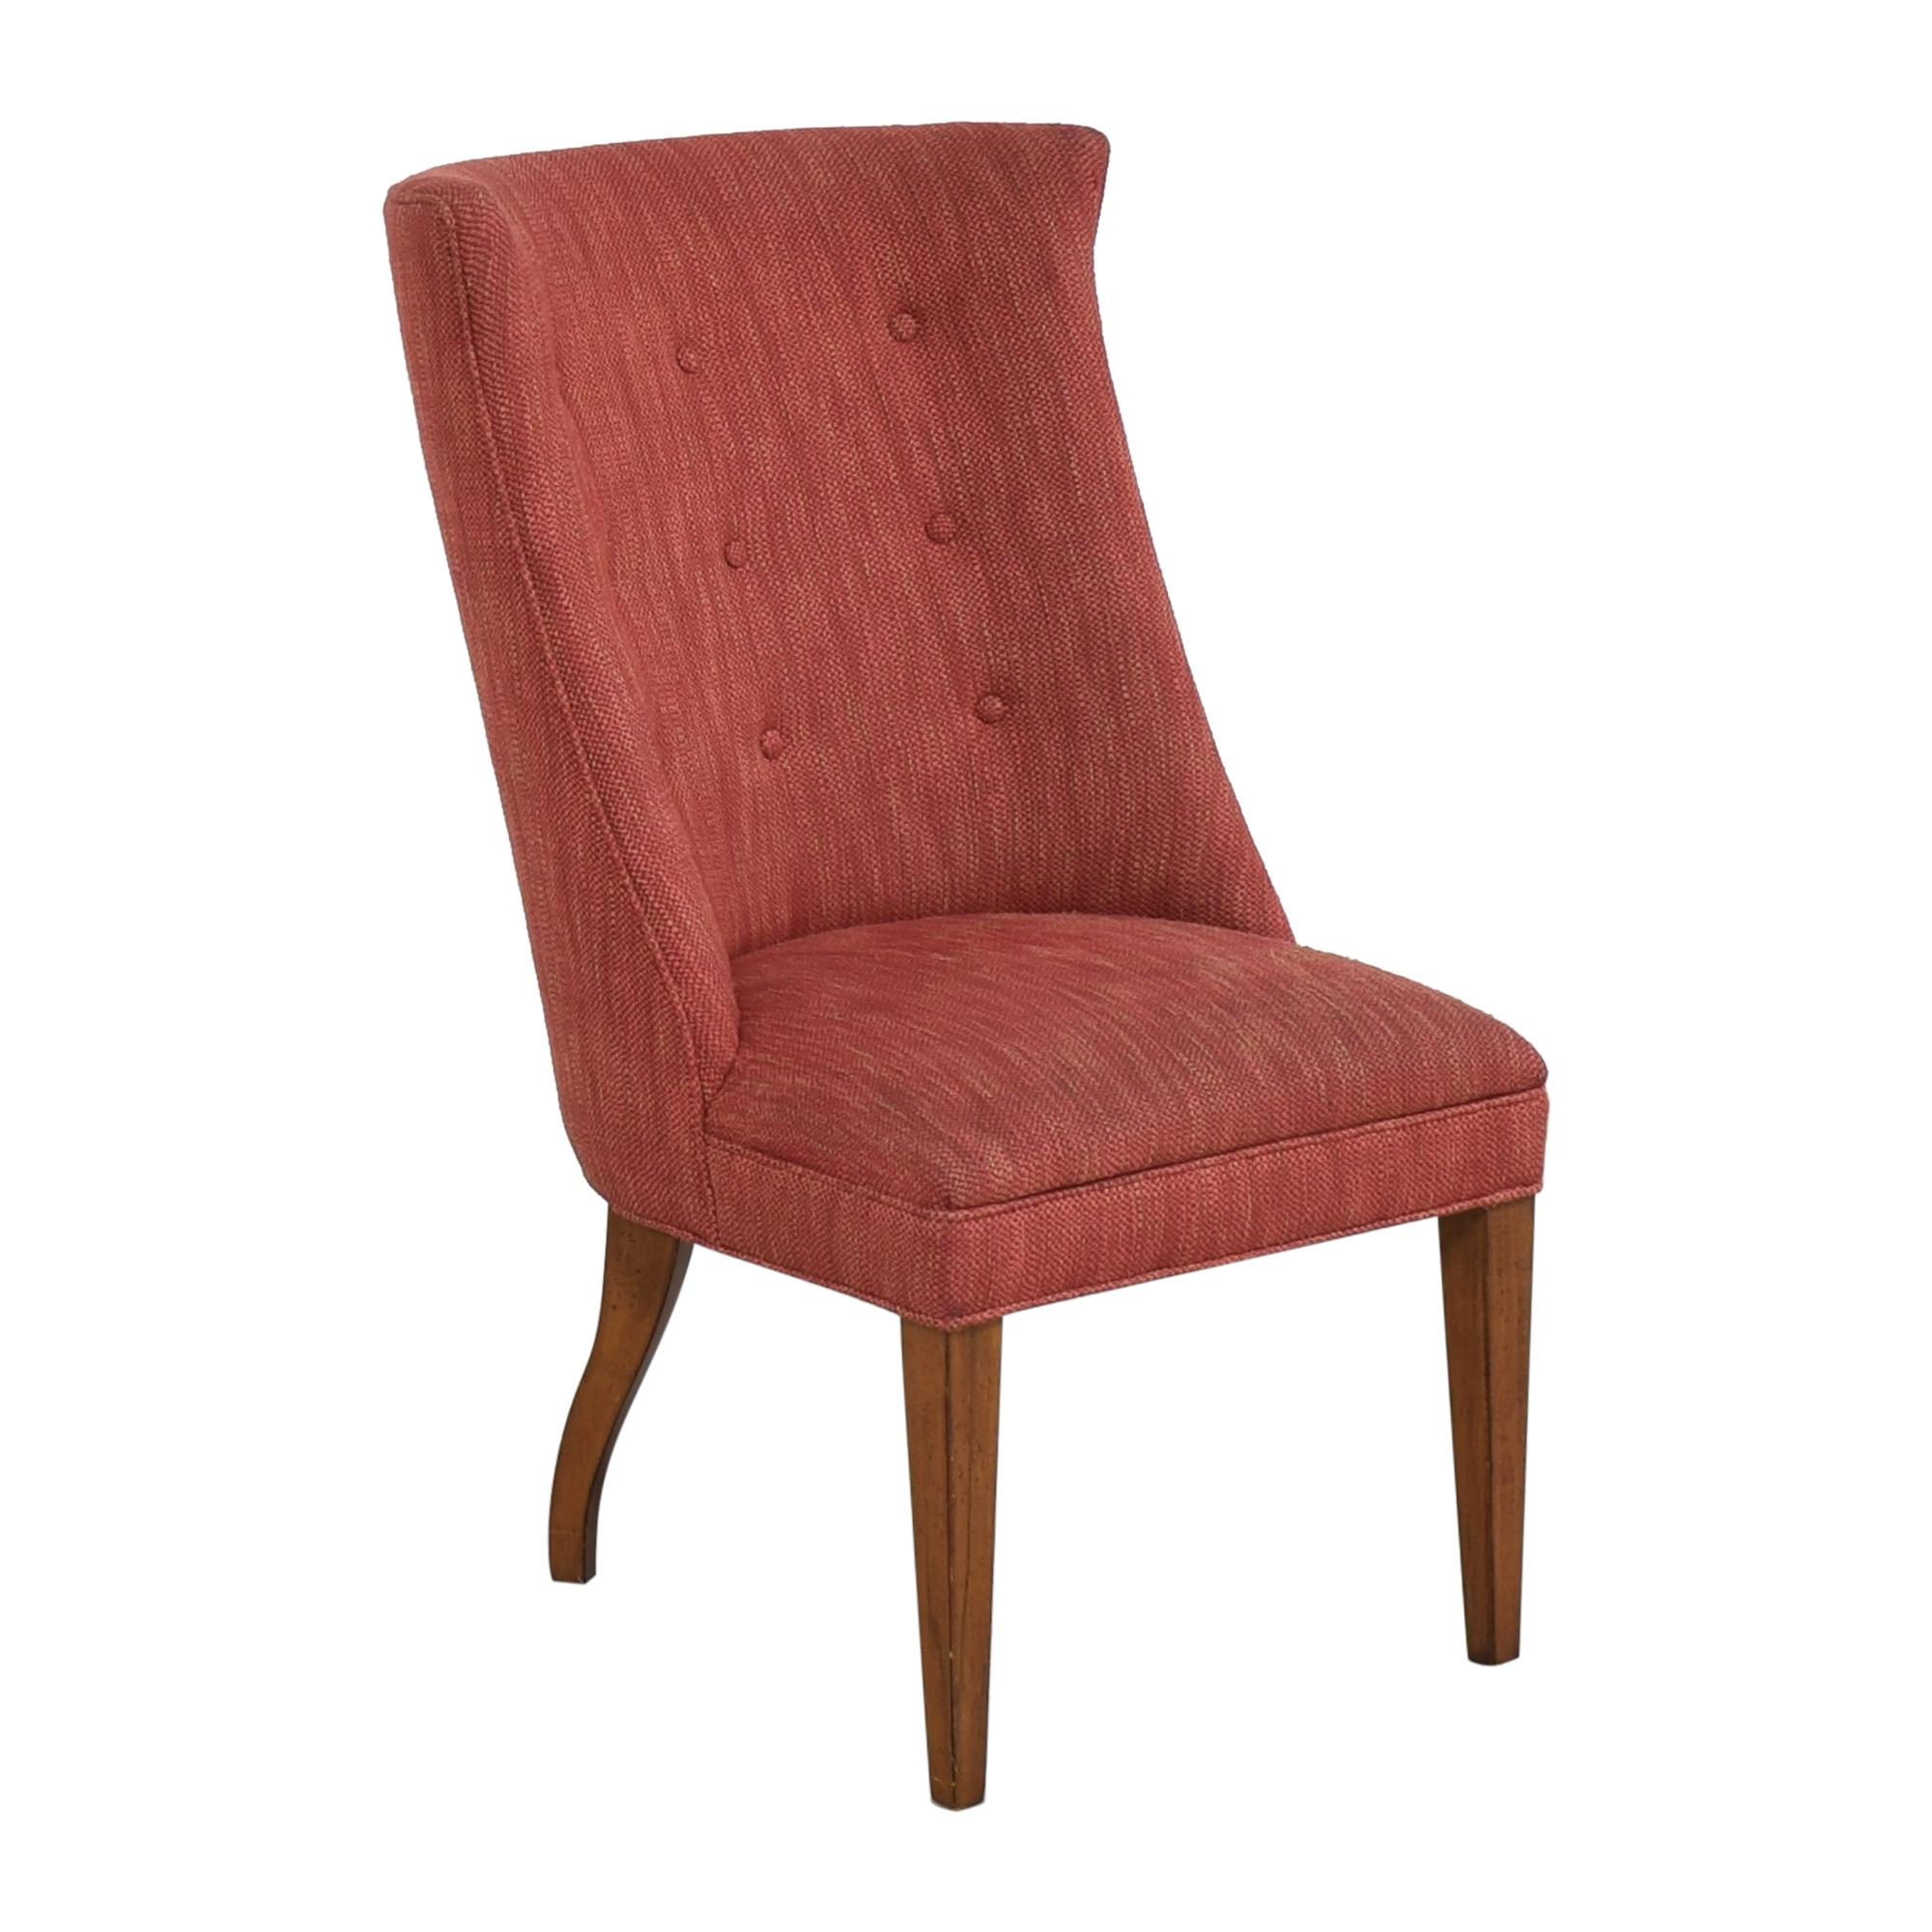 buy Liz Claiborne Tufted Accent Chair Liz Claiborne Accent Chairs